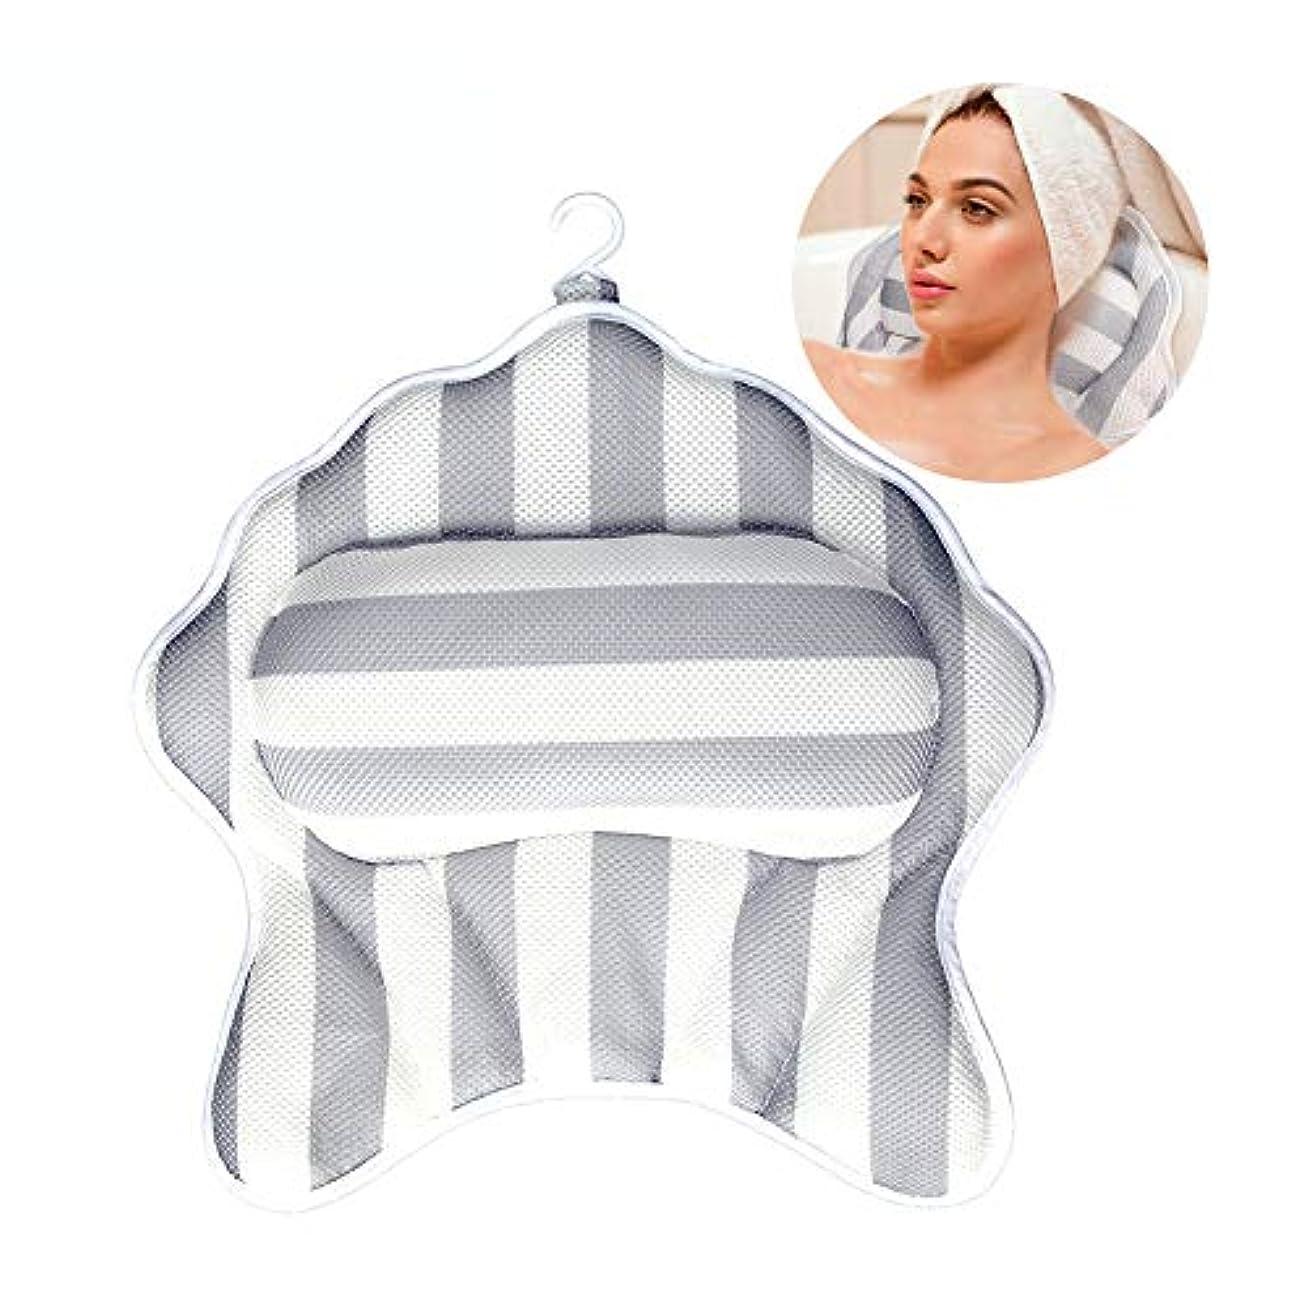 救急車禁止カメラ3dメッシュヒトデスパマッサージバスタブ枕浴室枕クッションwith6強い吸引カップは洗濯機で洗えます